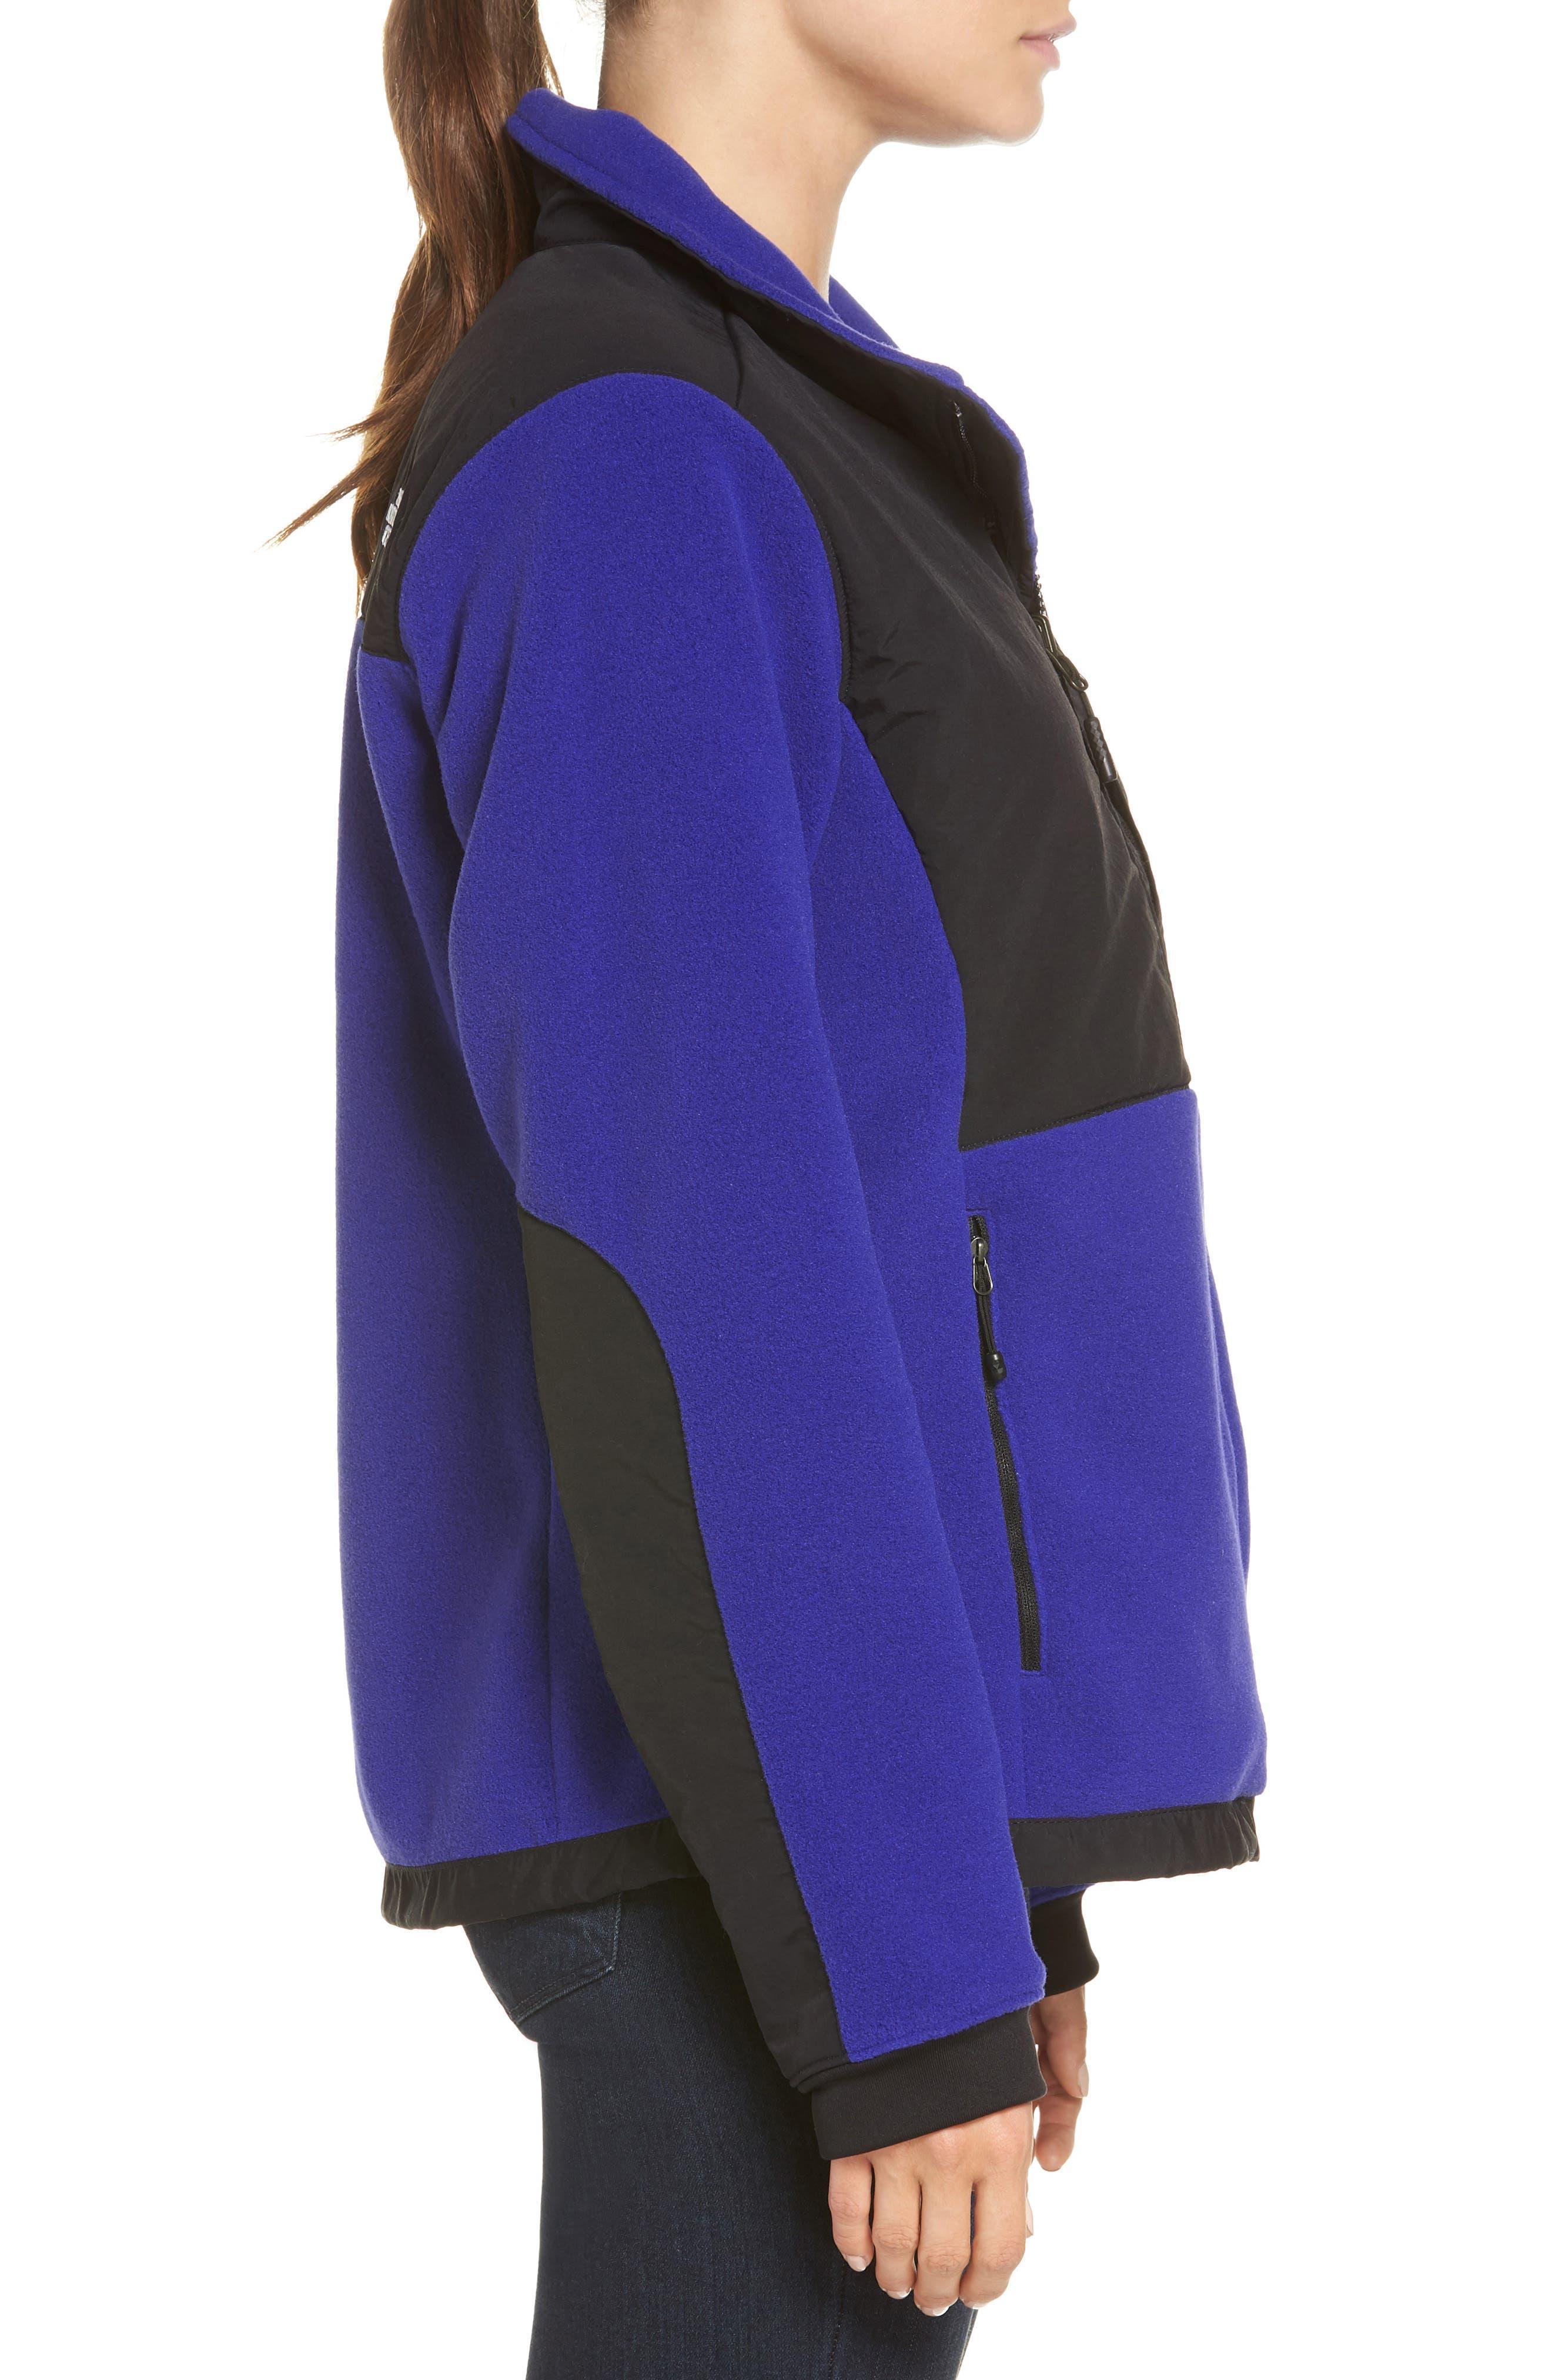 Denali 2 Jacket,                             Alternate thumbnail 3, color,                             LAPIS BLUE/ TNF BLACK